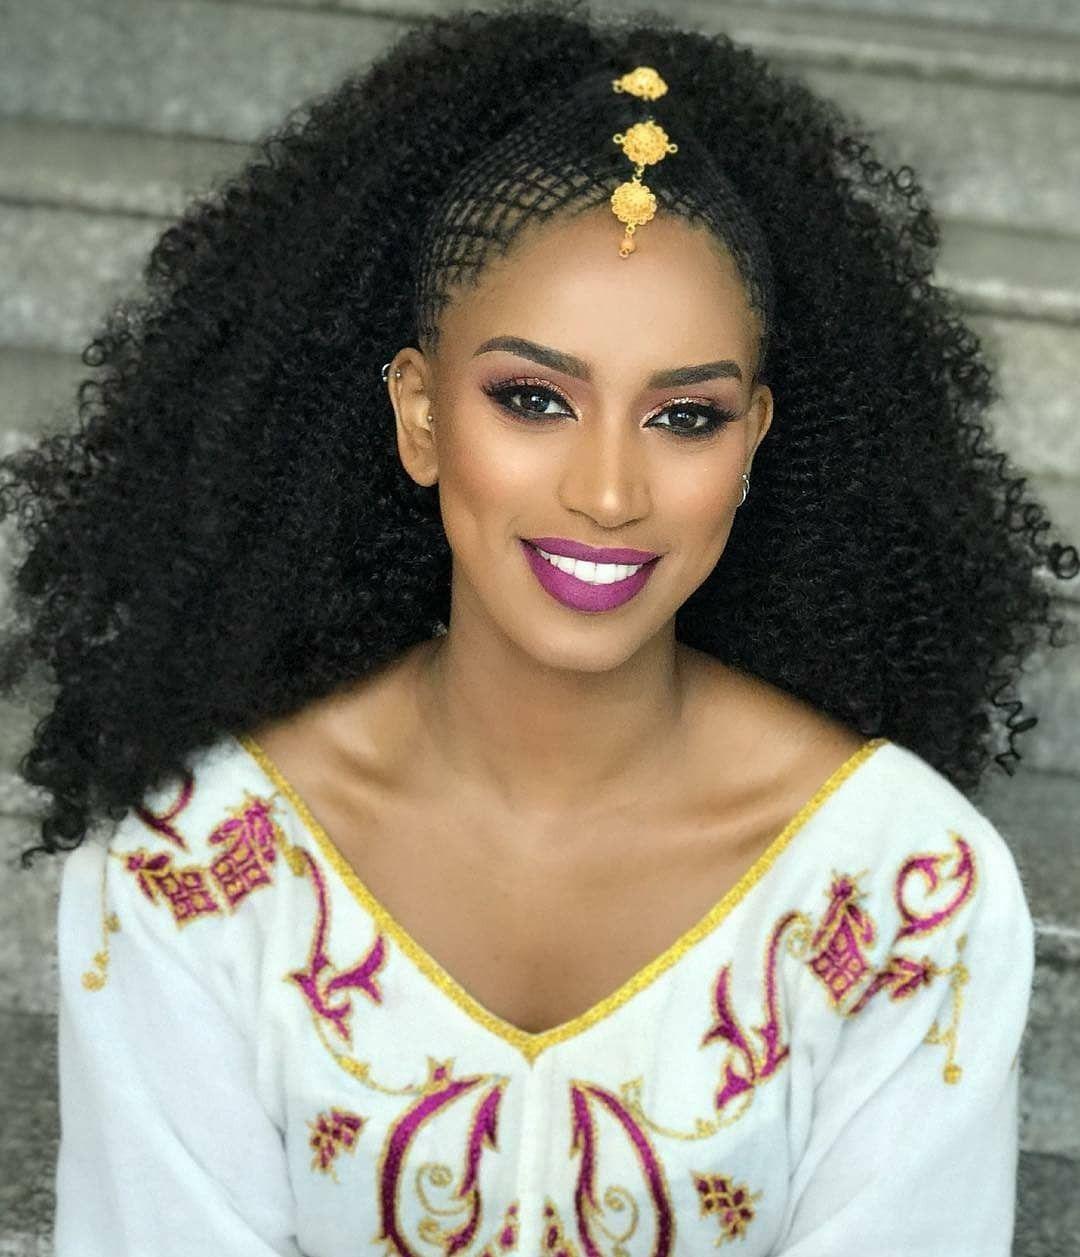 Black Queen Ethiopian Beauty Black Beauties Beautiful Women Faces [ 1257 x 1080 Pixel ]